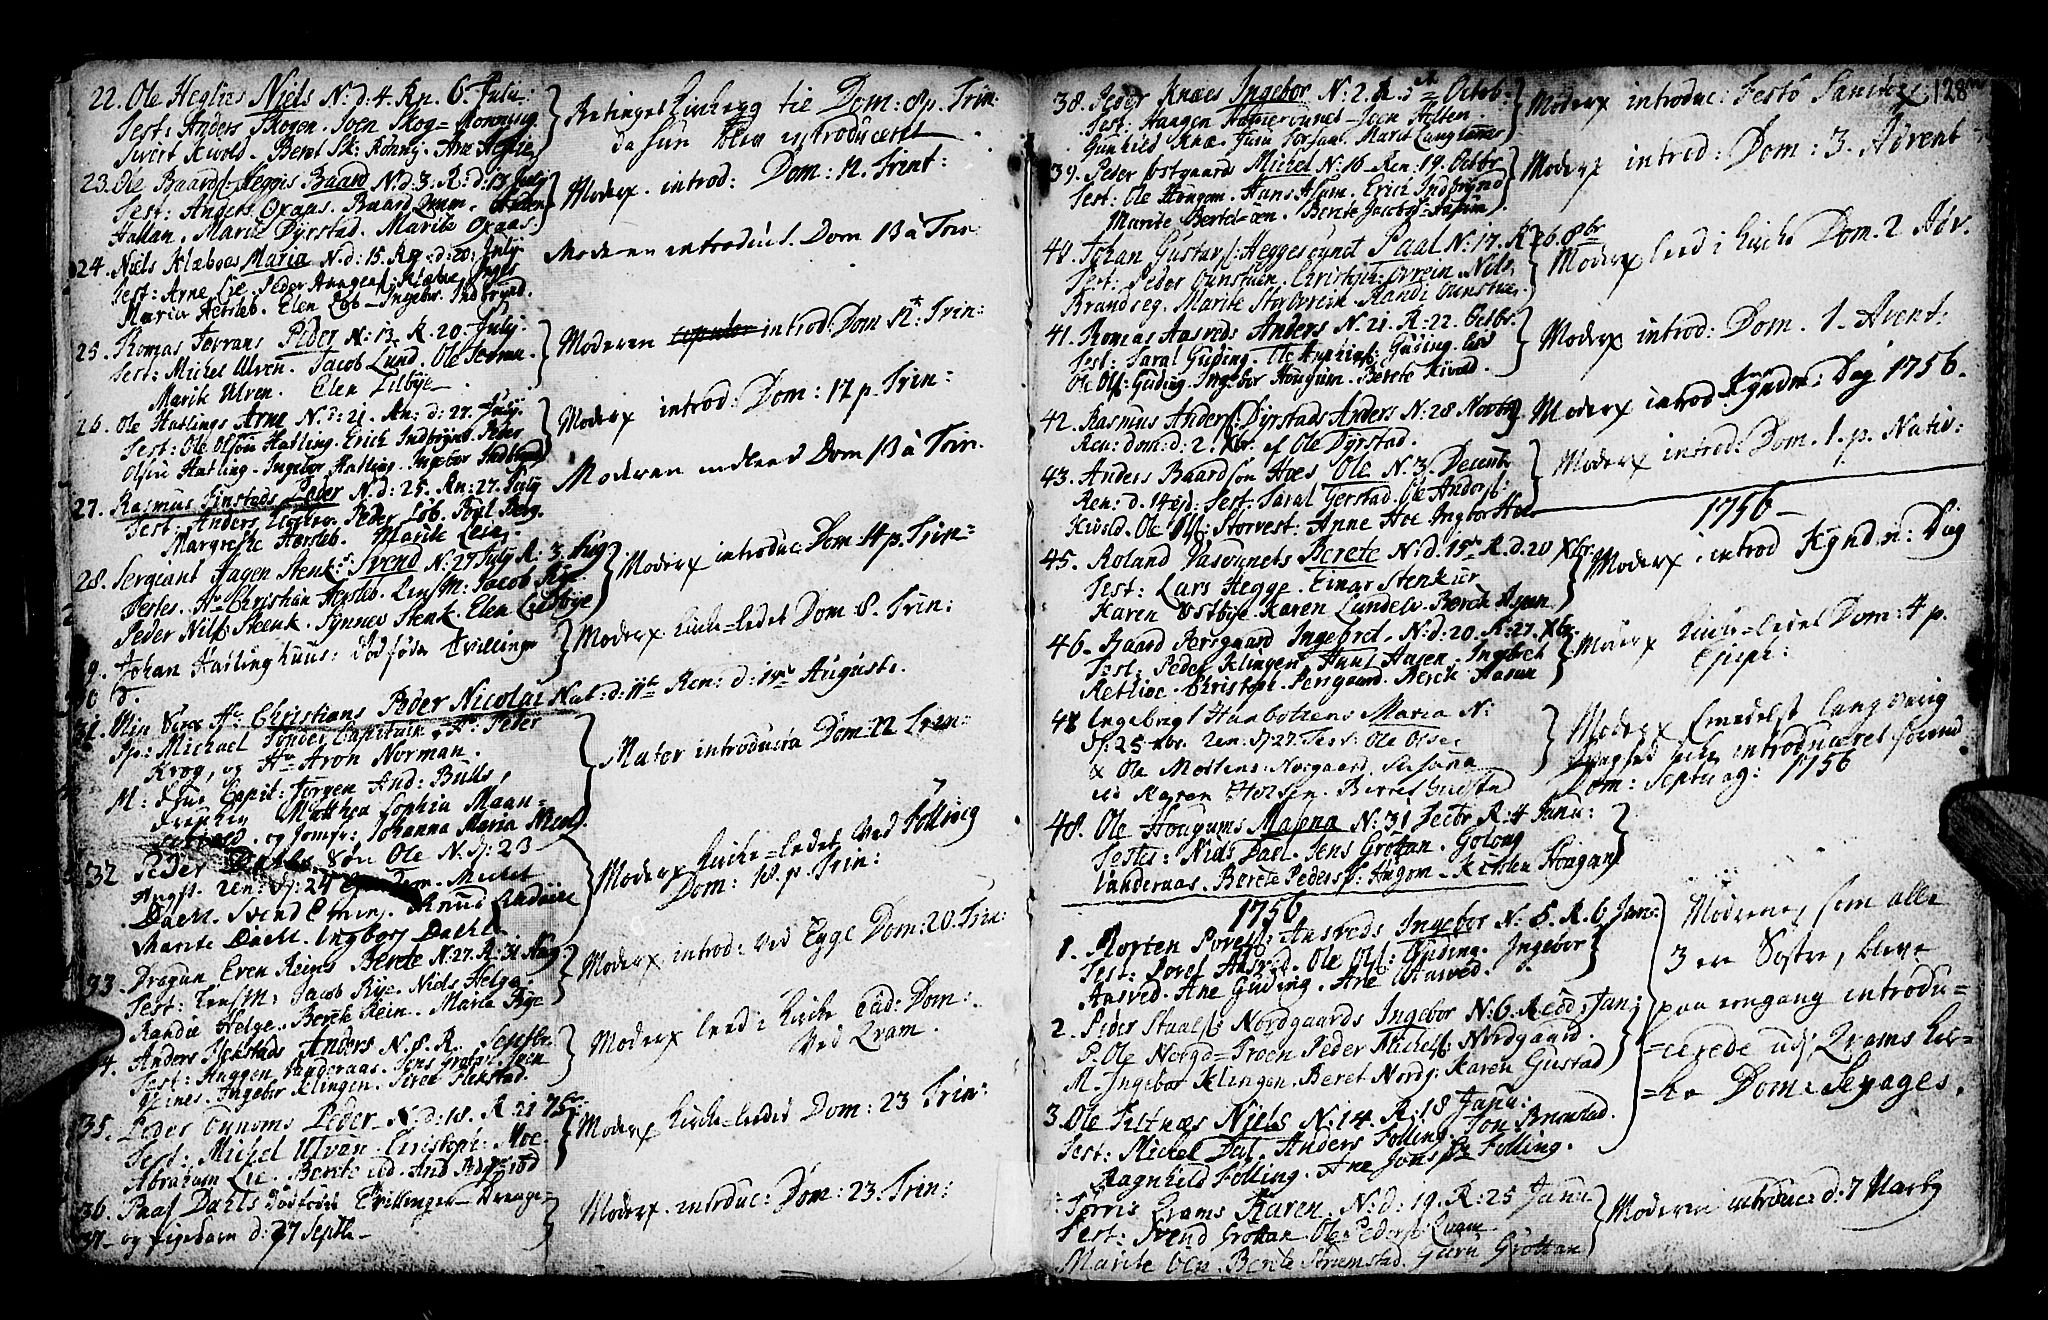 SAT, Ministerialprotokoller, klokkerbøker og fødselsregistre - Nord-Trøndelag, 746/L0439: Ministerialbok nr. 746A01, 1688-1759, s. 128m